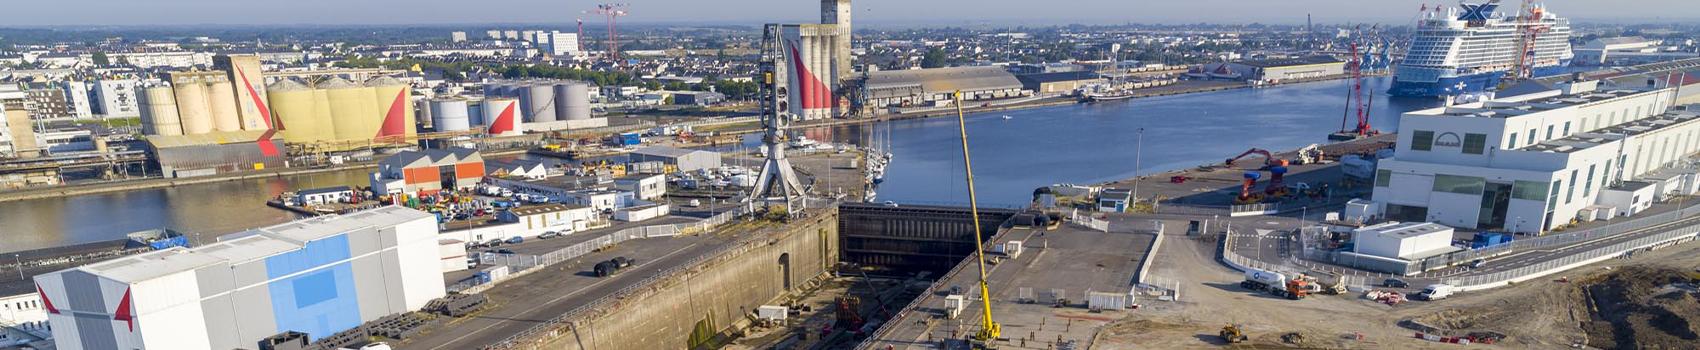 sce-domaine-gestion-et-developpement-des-activites-littorales-et-portuaires_1700x350